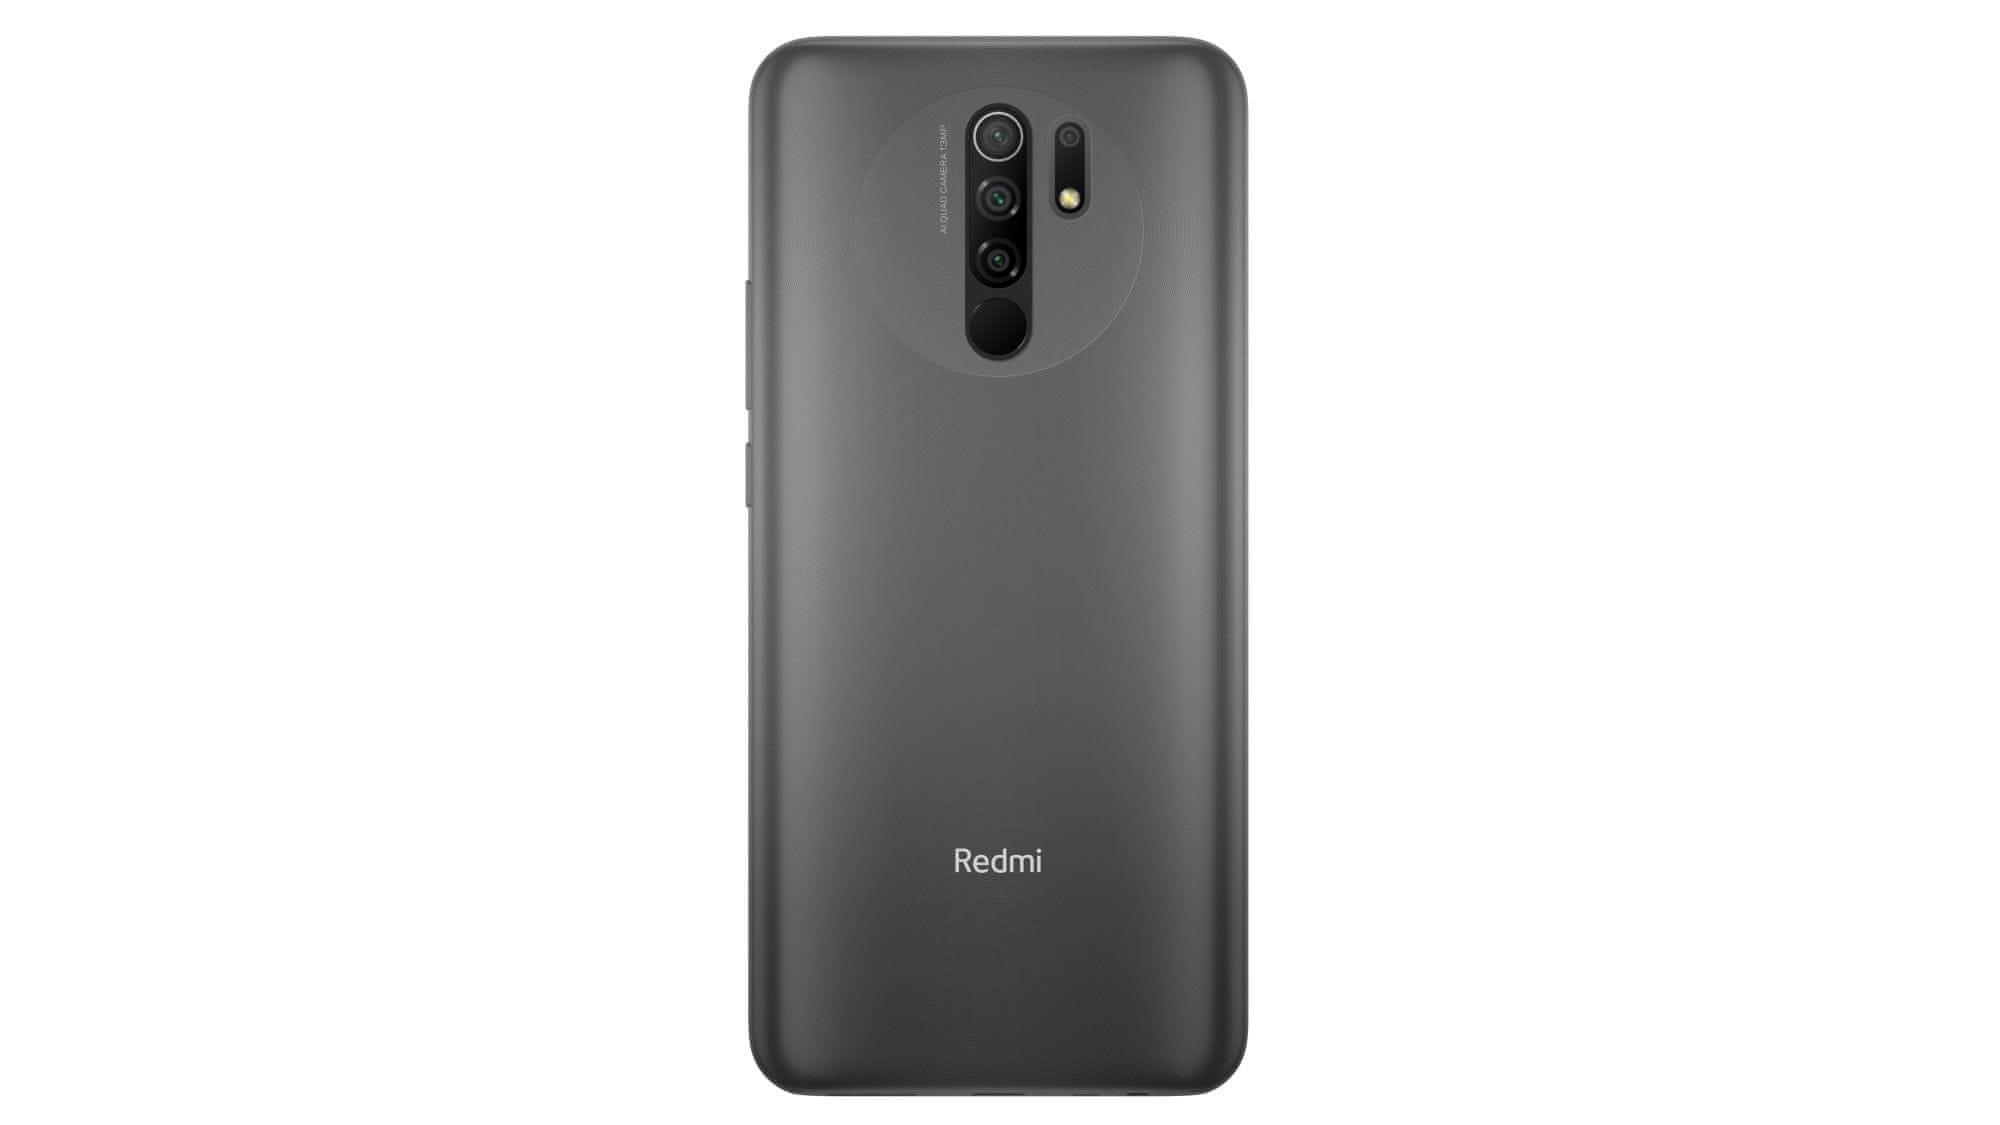 Xiaomi Redmi 9, štvornásobný fotoaparát, 4 objektívy, vysoké rozlíšenie, ultraširokouhlý, makro, bokeh efekt, hĺbka ostrosti